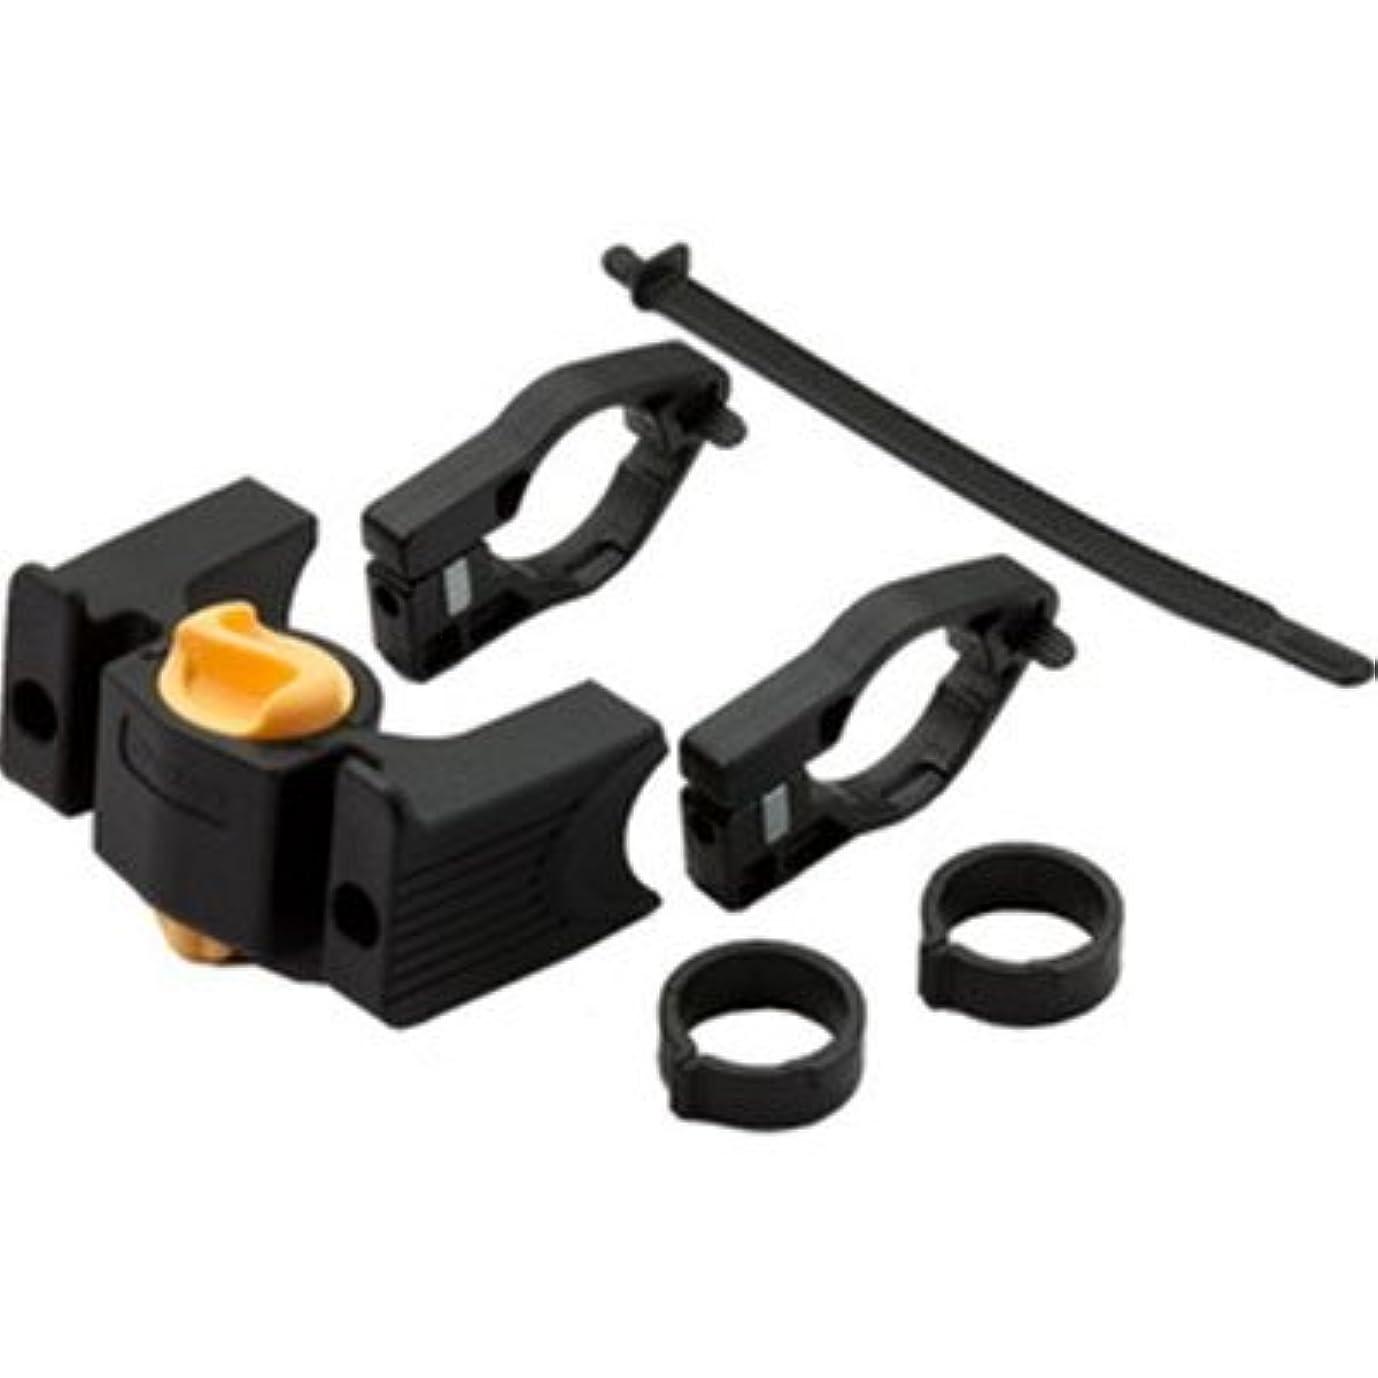 雑種タイヤ化粧OSTRICH(オーストリッチ) フロントバッグ用 [KDS] ワンタッチ着脱機構 ハンドル側